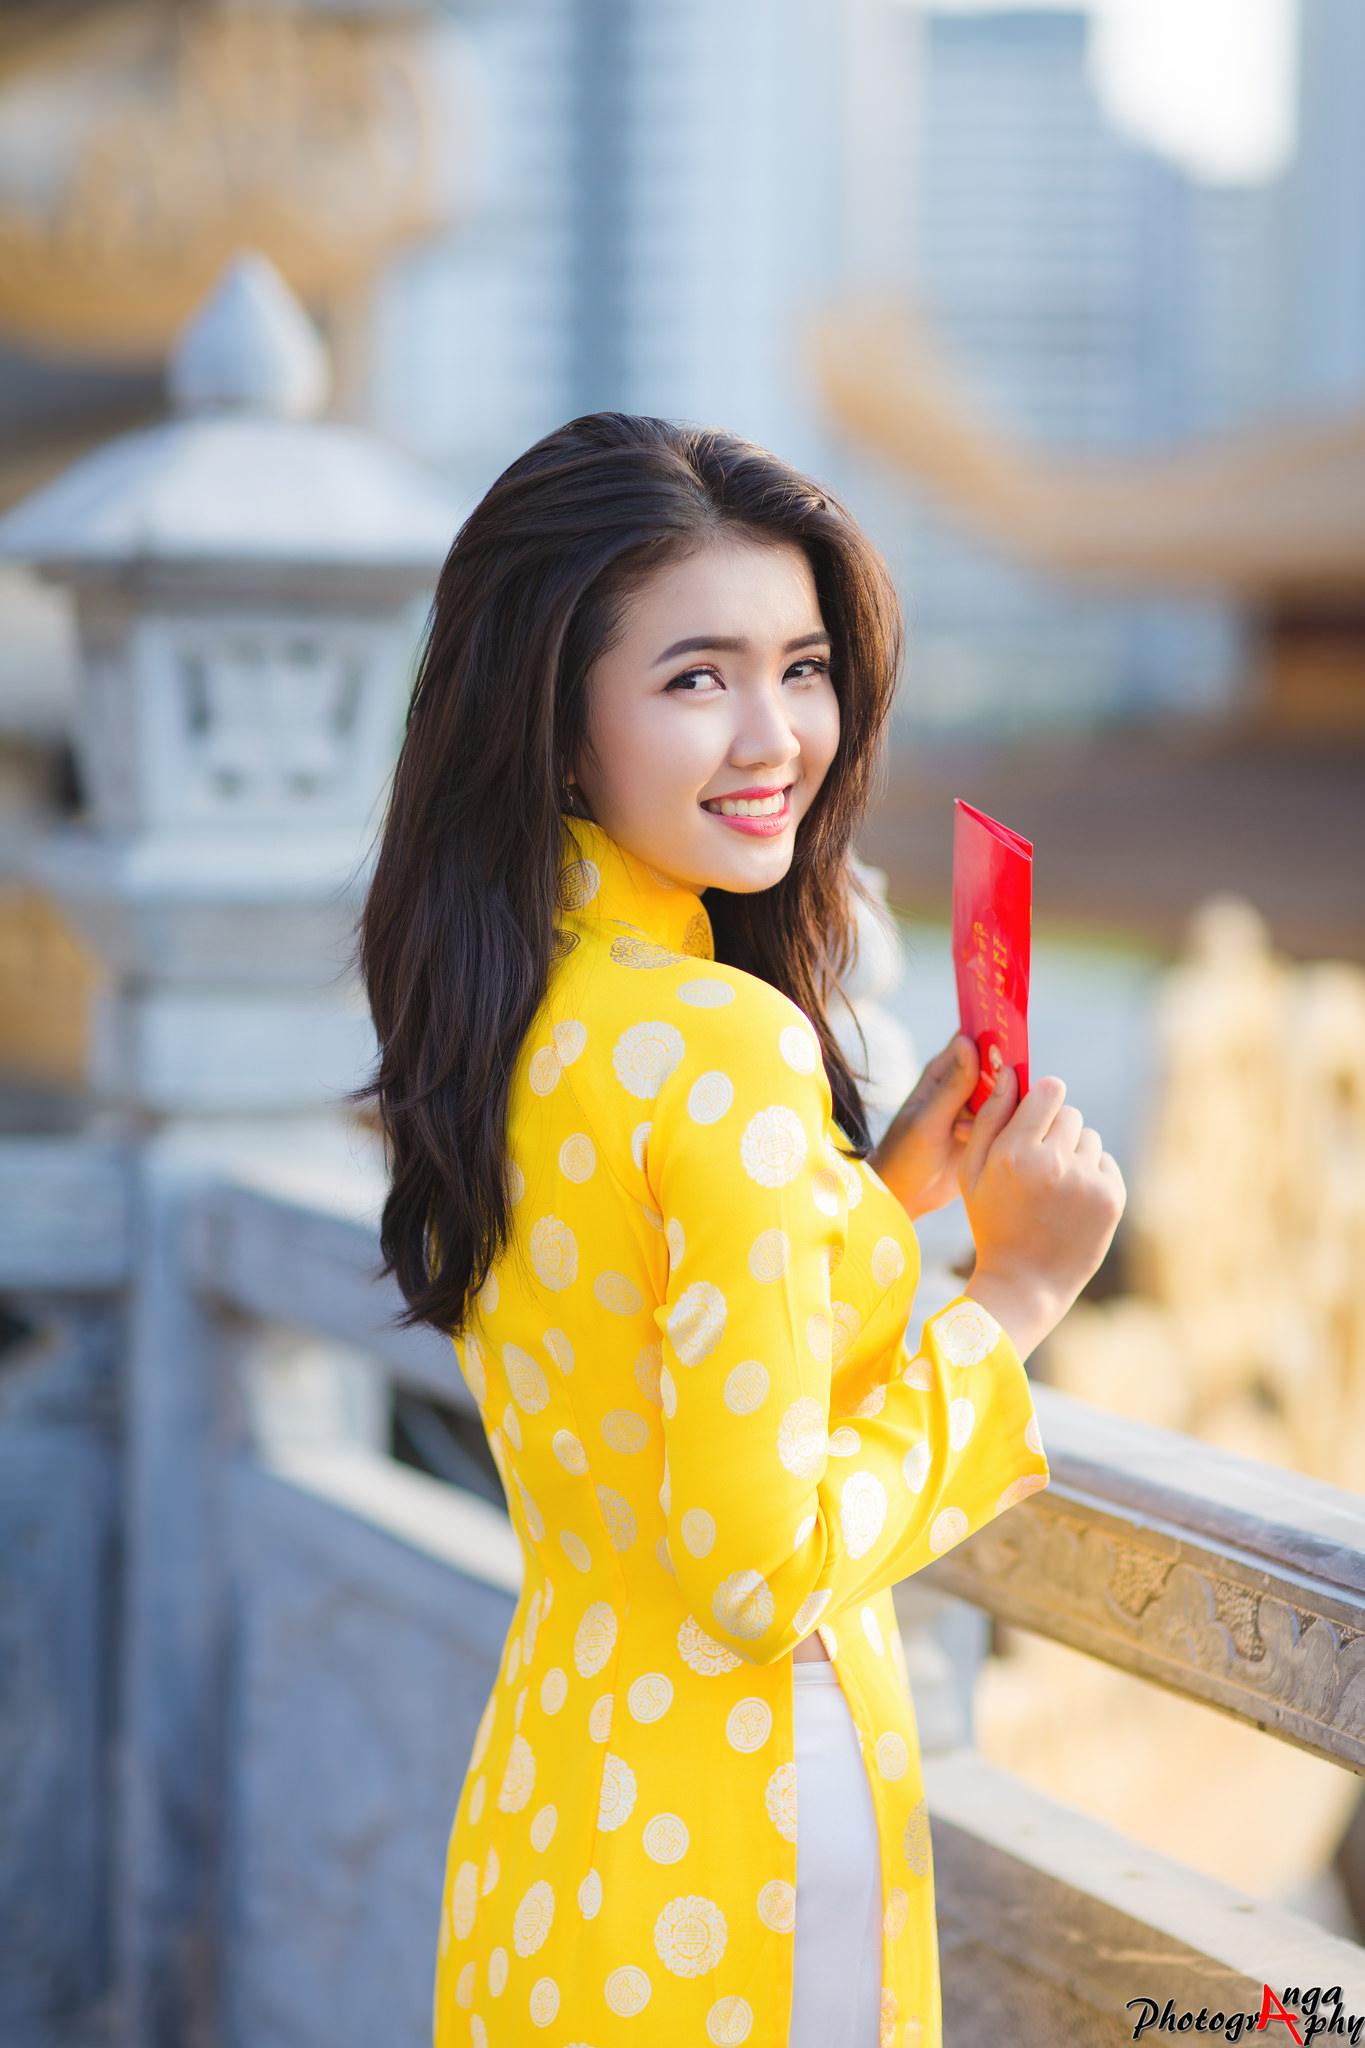 Tuyển tập girl xinh gái đẹp Việt Nam mặc áo dài đẹp mê hồn #60 - 16